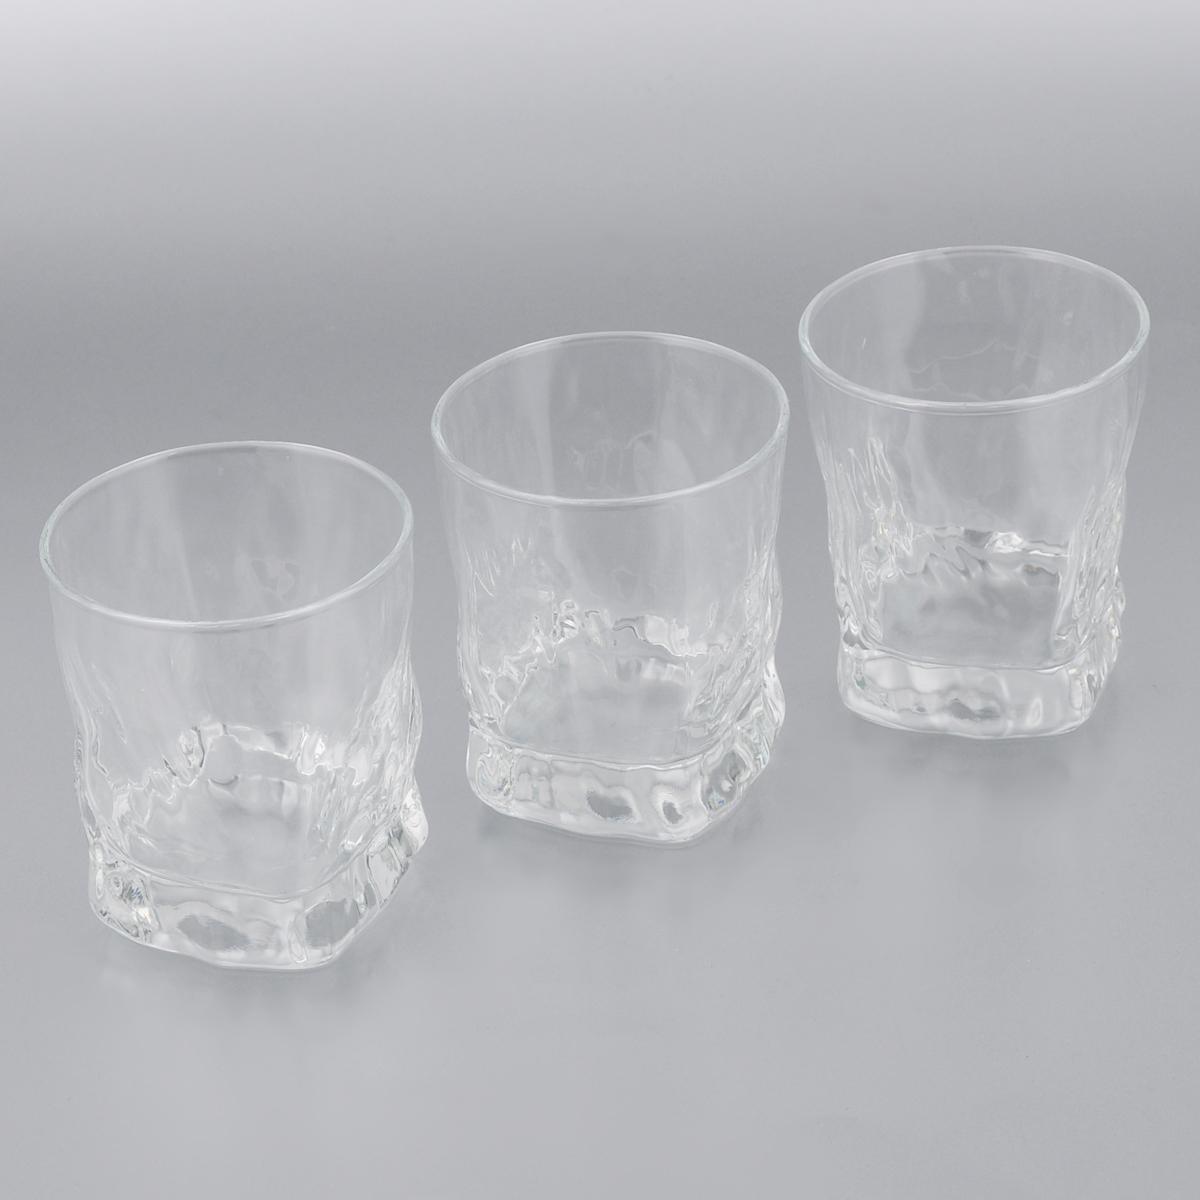 Набор стаканов Luminarc Icy, 300 мл, 3 штG2766Набор Luminarc Icy состоит из трех стаканов, выполненных из высококачественного стекла. Изделия предназначены для подачи воды и других напитков. Они отличаются особой легкостью и прочностью, излучают приятный блеск и издают мелодичный хрустальный звон. Стаканы станут идеальным украшением праздничного стола и отличным подарком к любому празднику. Можно мыть в посудомоечной машине. Диаметр стакана (по верхнему краю): 8,5 см. Высота: 10 см.